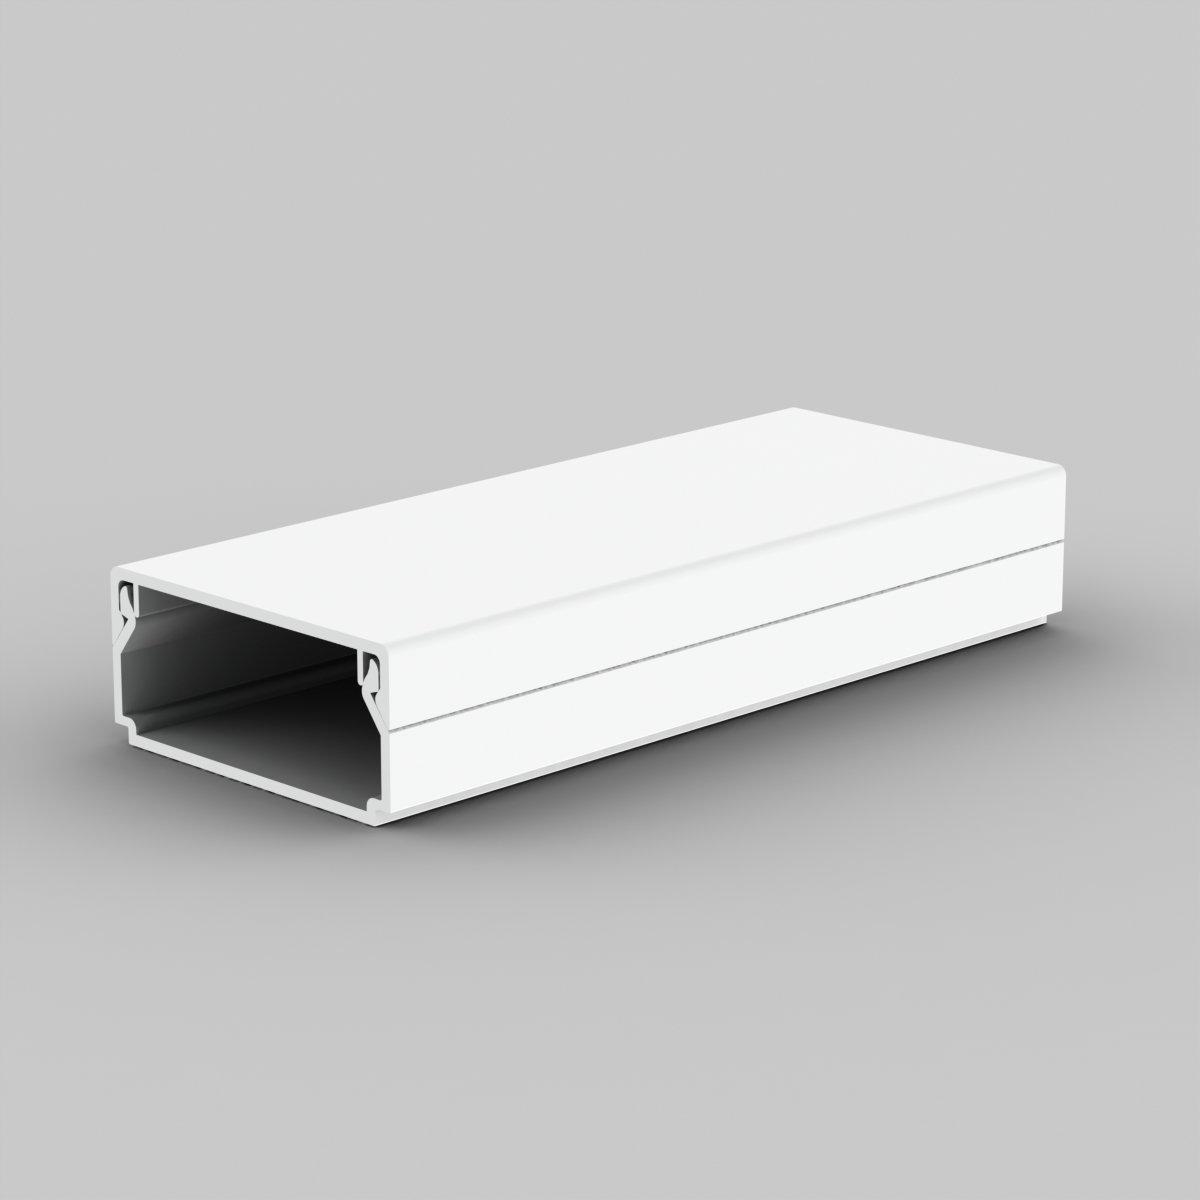 Lišta hranatá 40x20 bílá (LHD 40X20_HD)